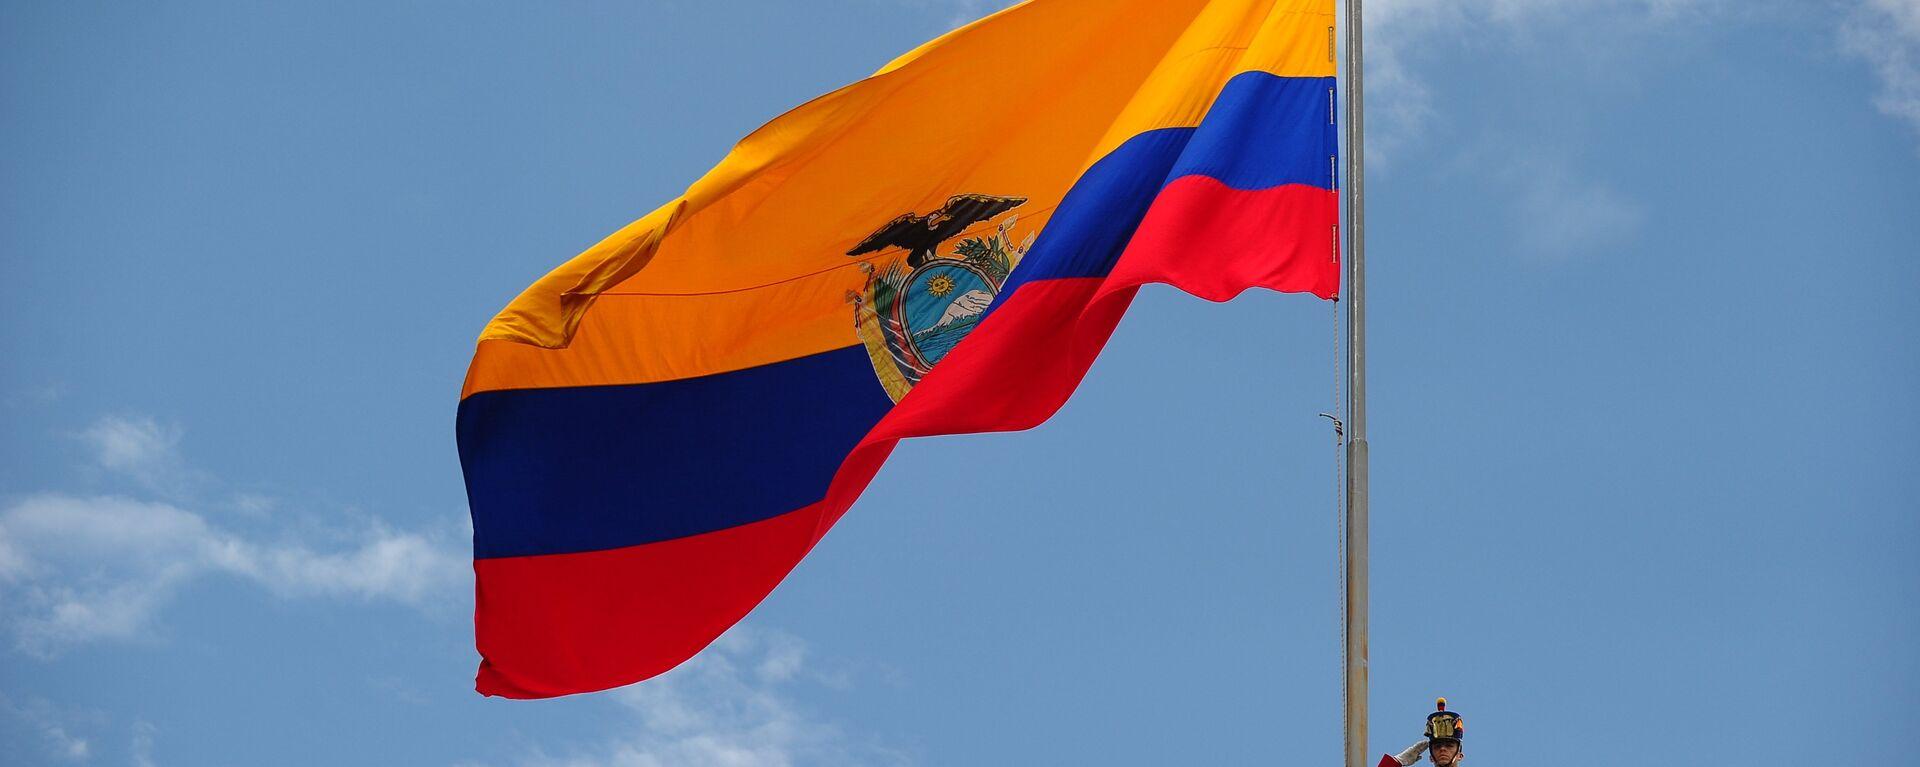 Bandera de Ecuador - Sputnik Mundo, 1920, 26.08.2021